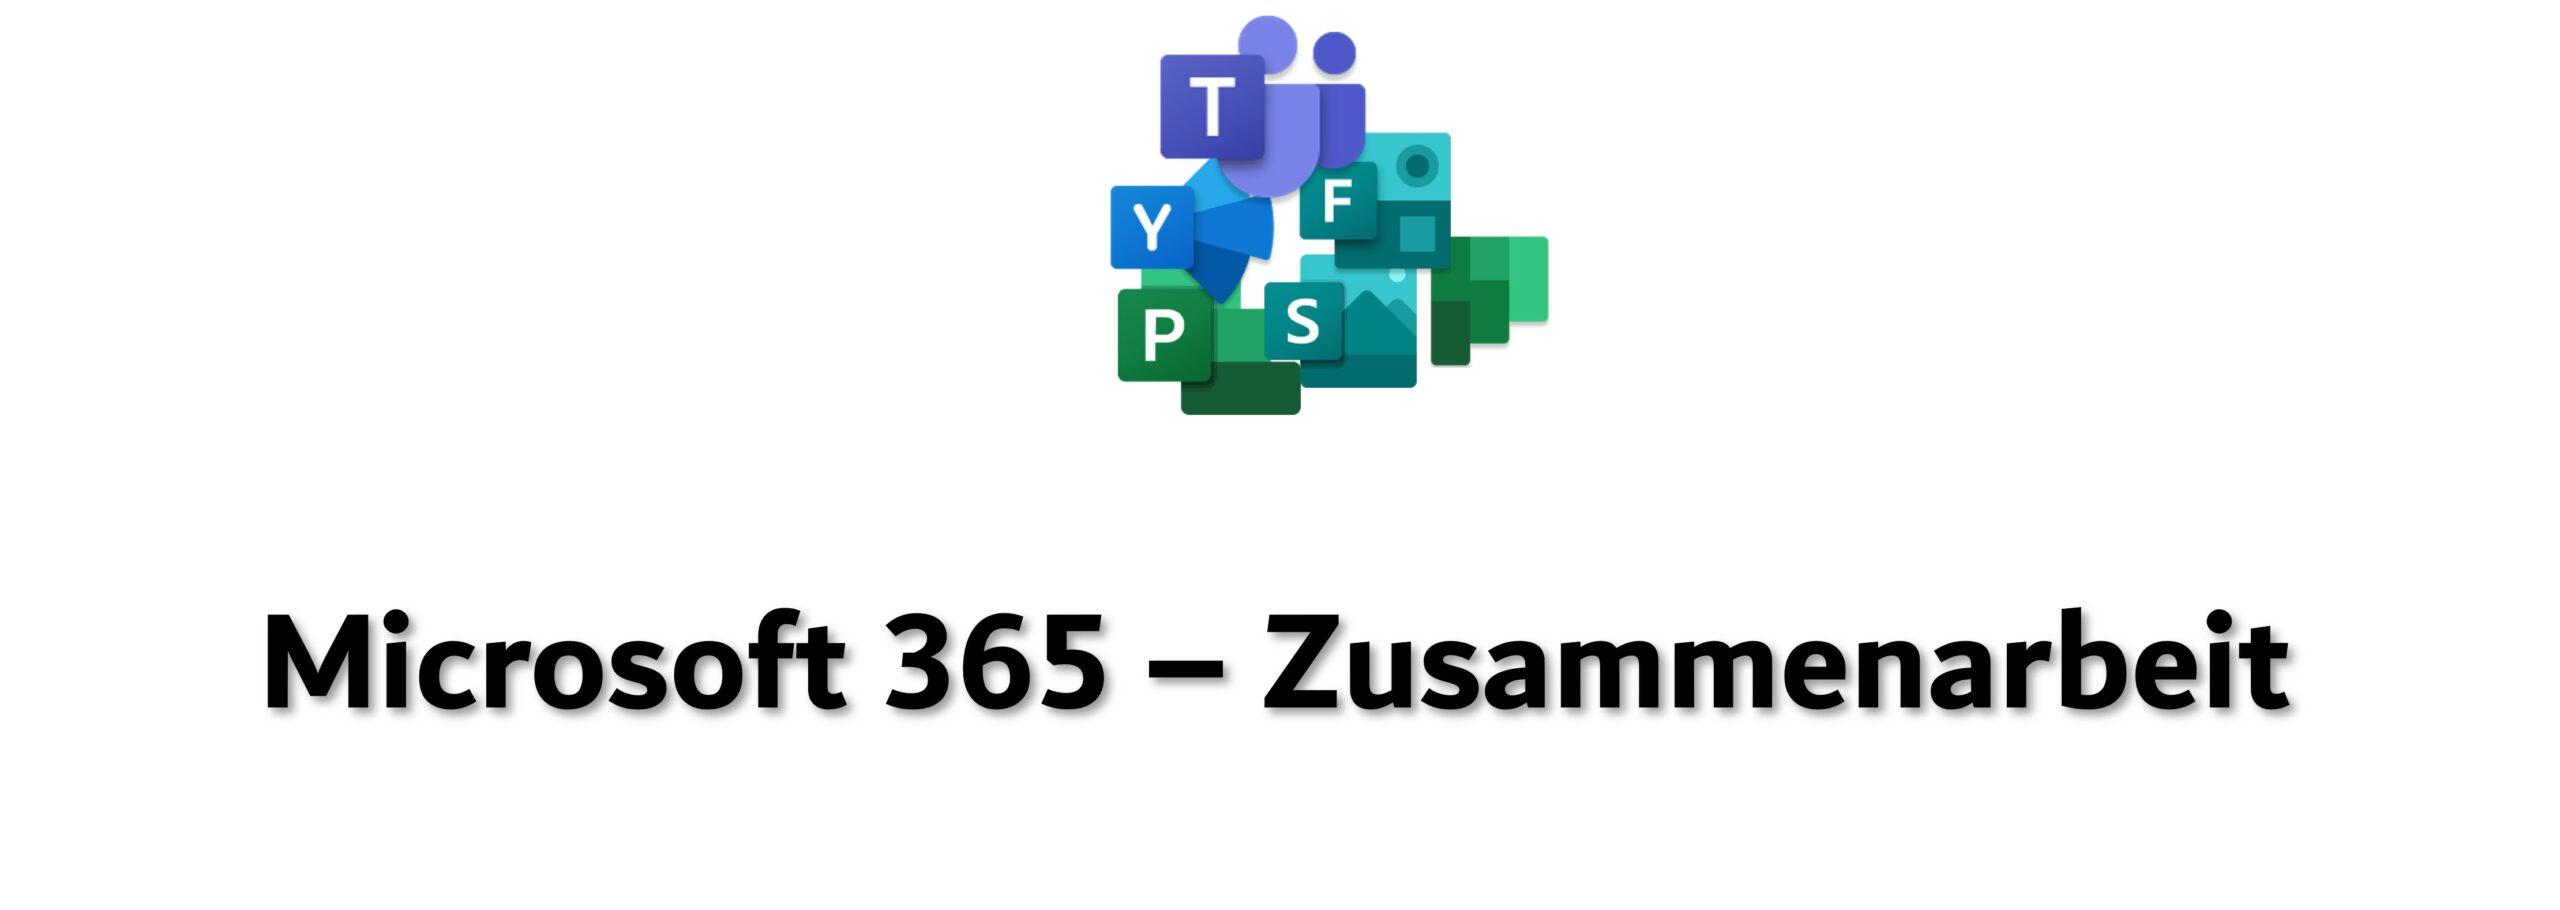 Microsoft 365 – Zusammenarbeit Logos, Teams, SharePoint, Yammer, Forms, Planner